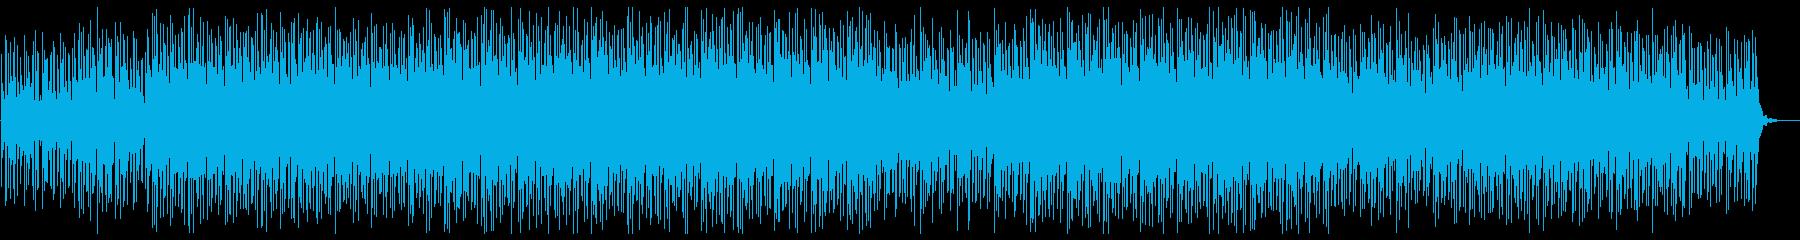 幻想的で広がりのあるハウス/EDMの再生済みの波形